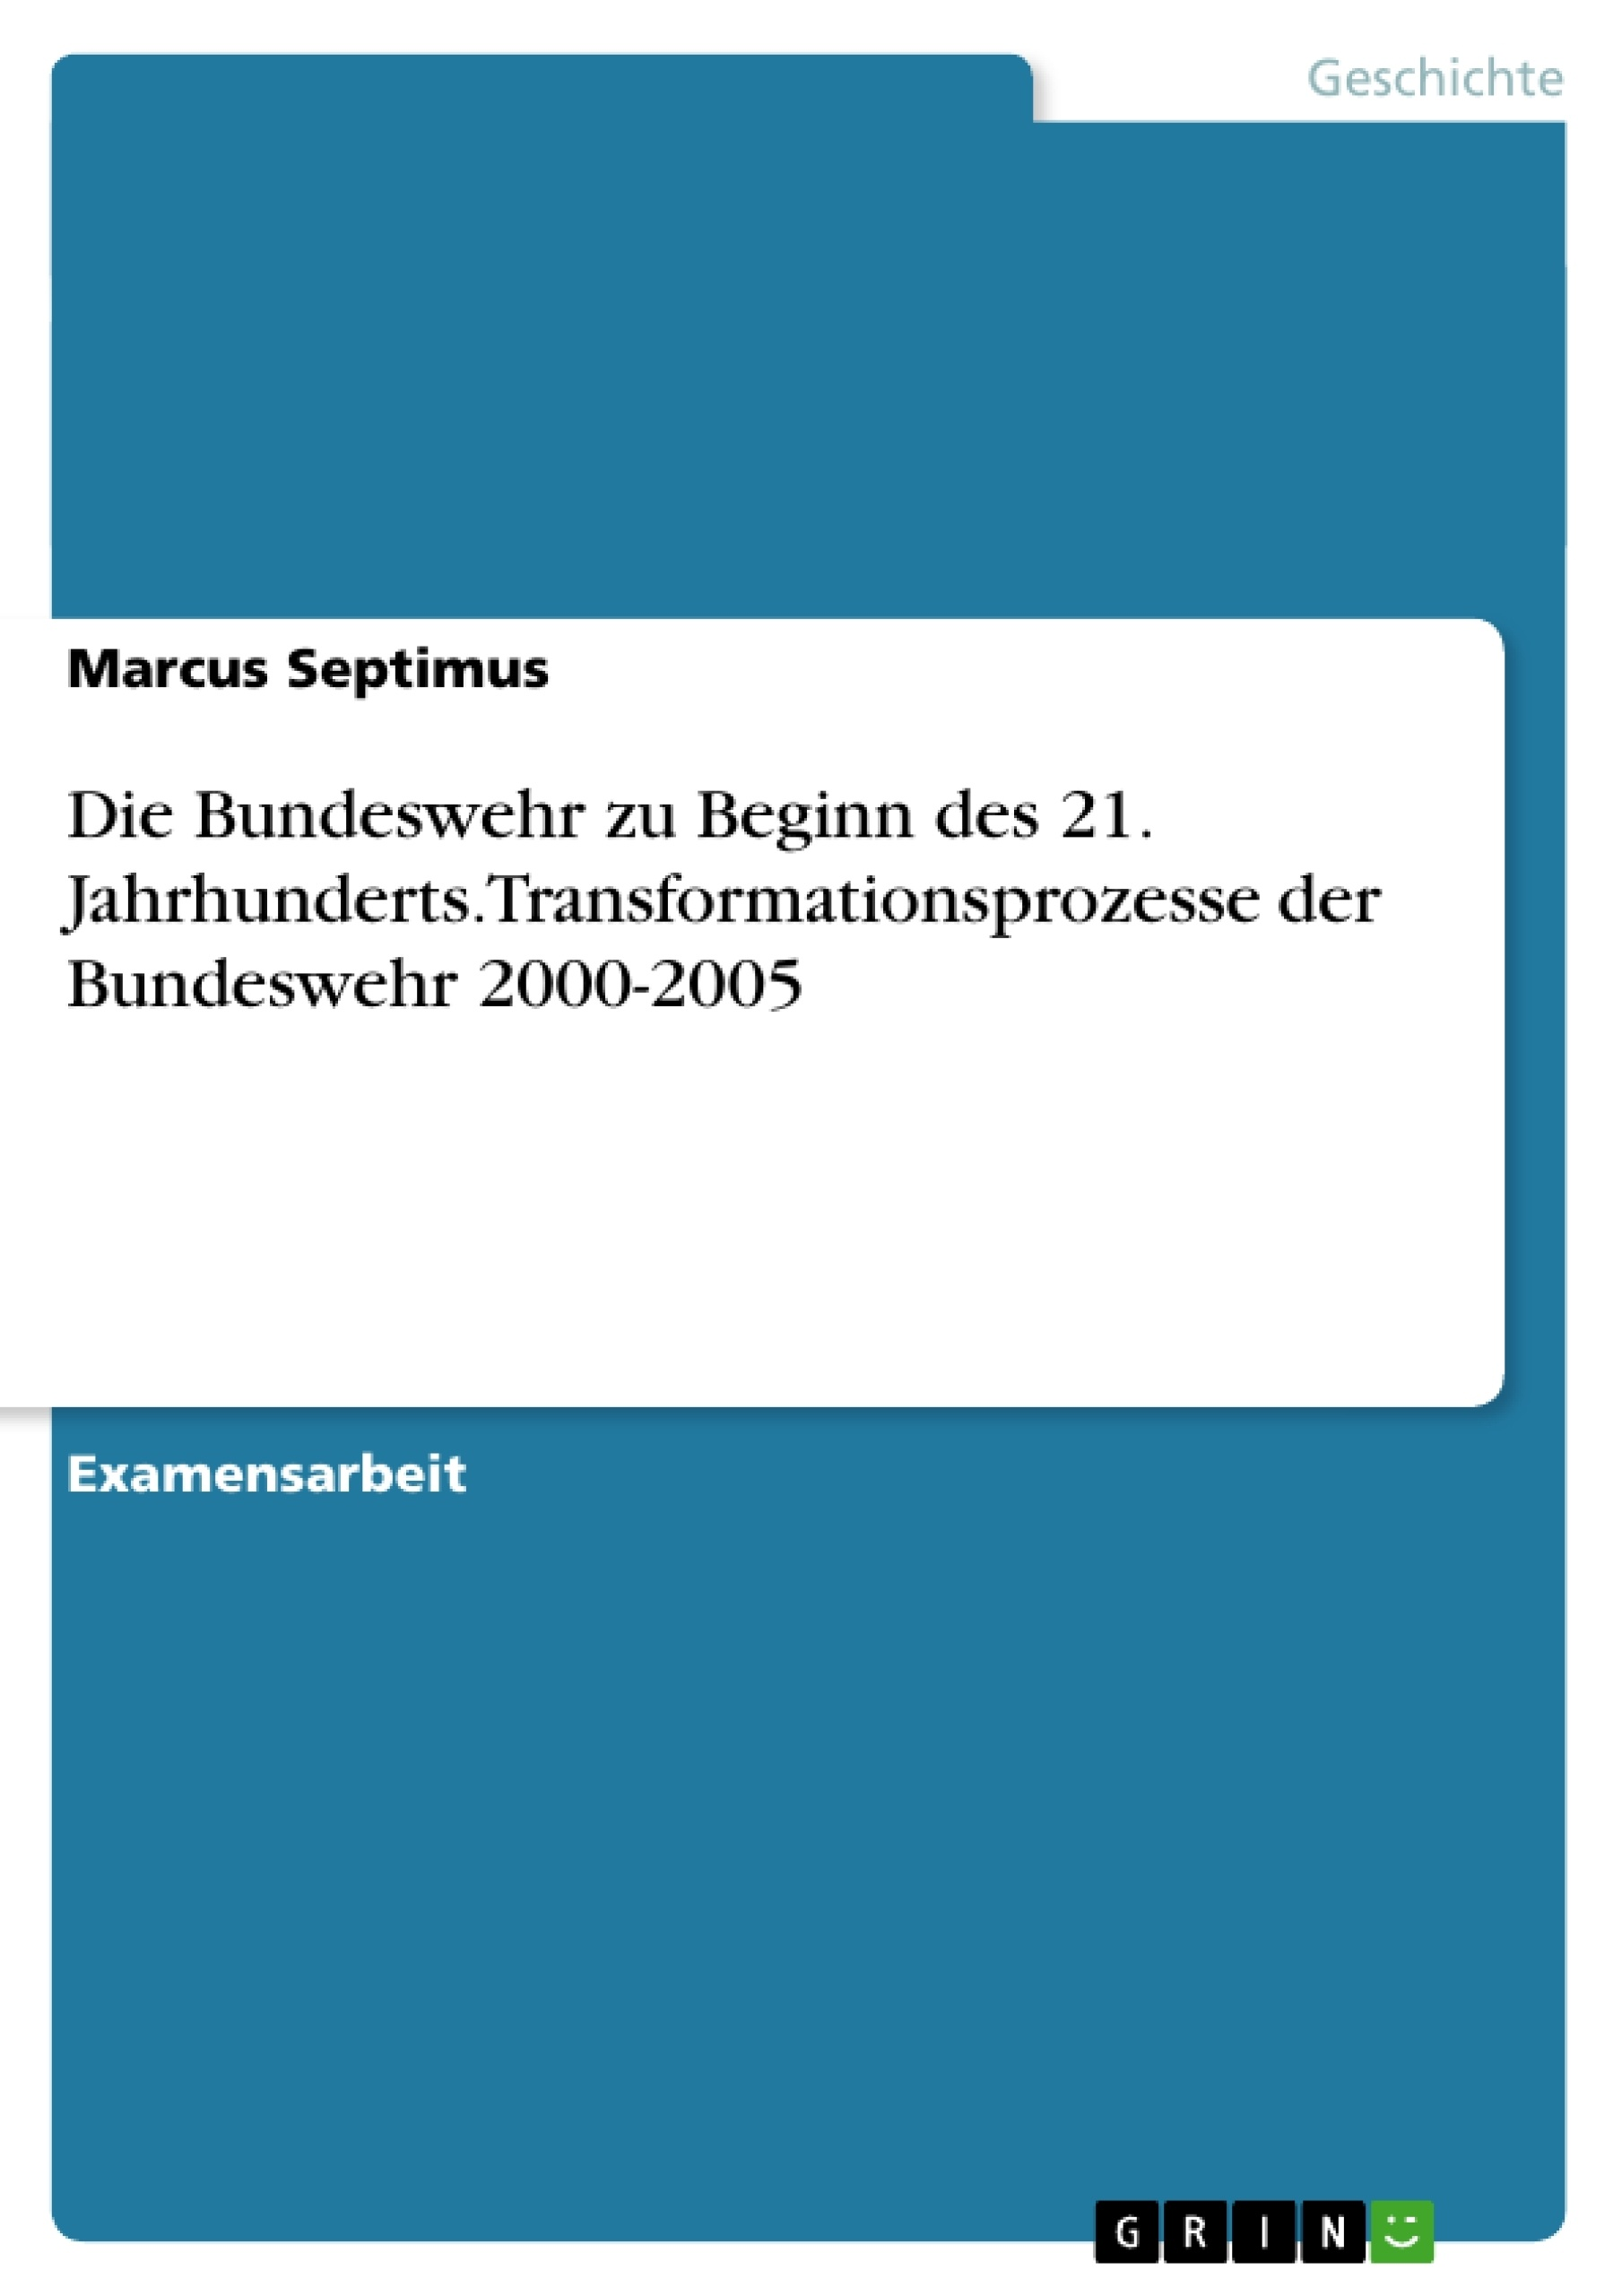 Titel: Die Bundeswehr zu Beginn des 21. Jahrhunderts. Transformationsprozesse der Bundeswehr 2000-2005